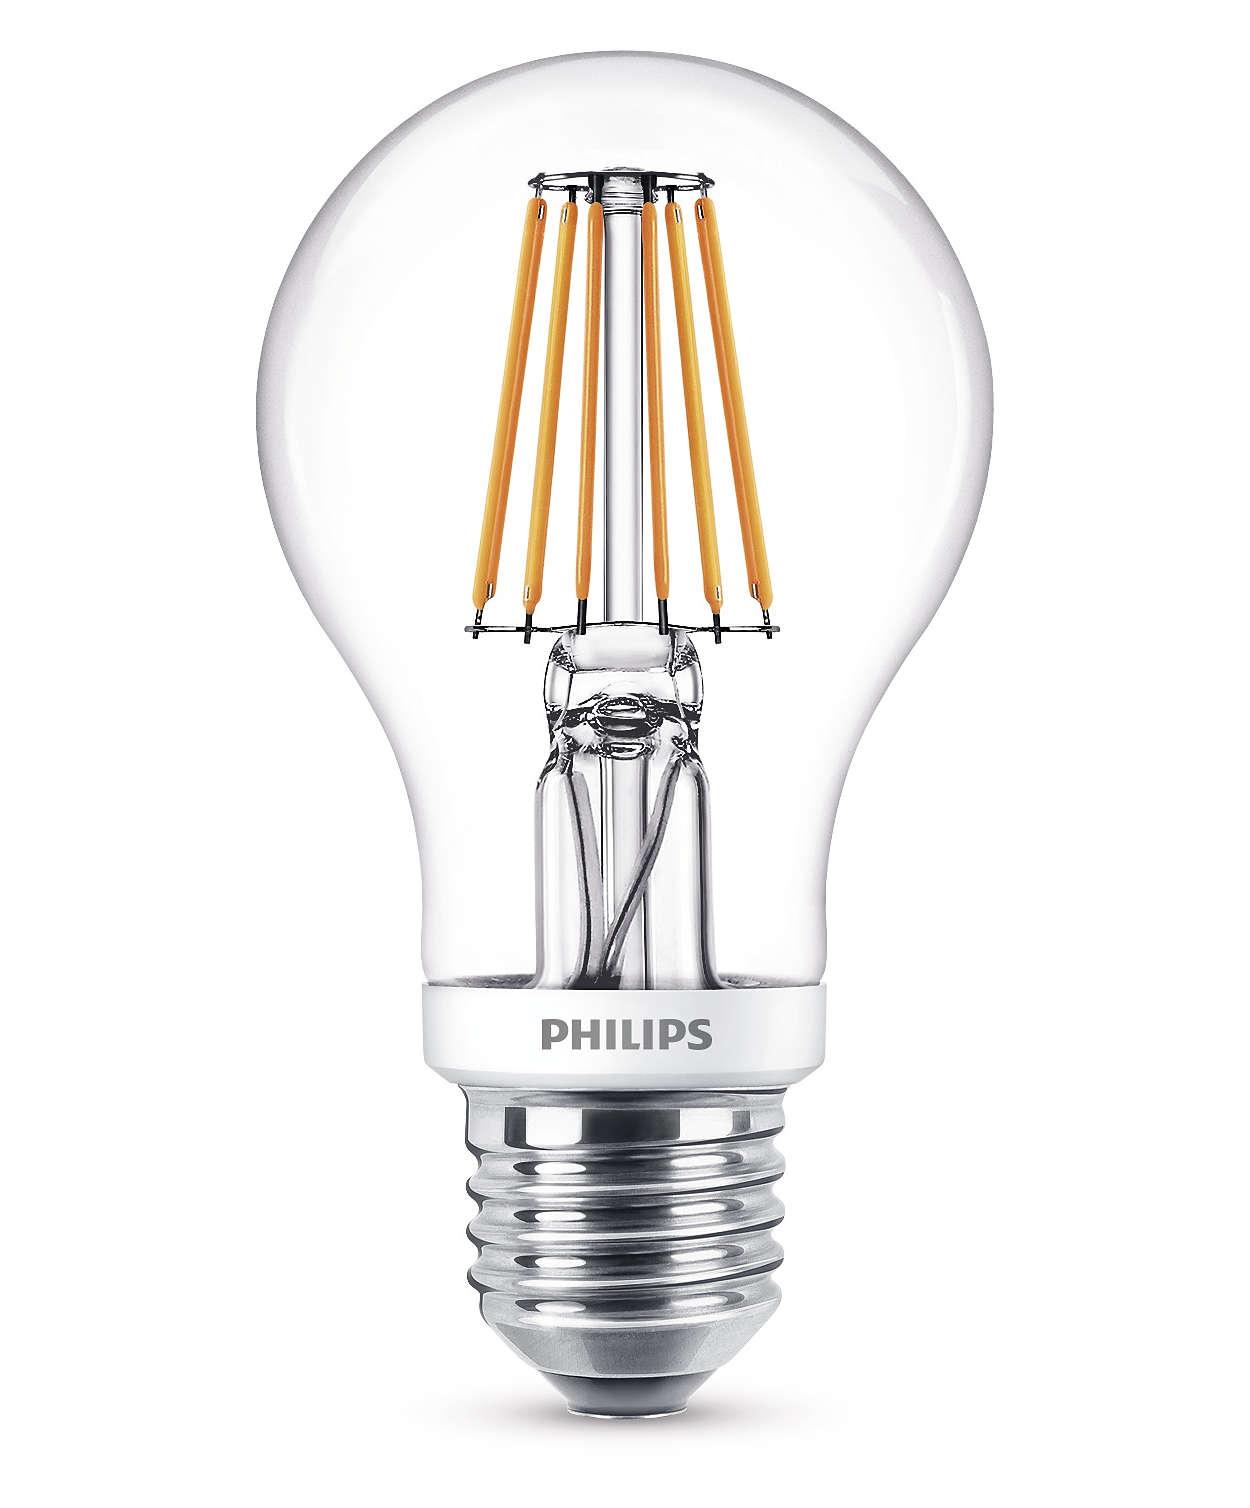 Váltson fénybeállítást az izzók cseréje nélkül